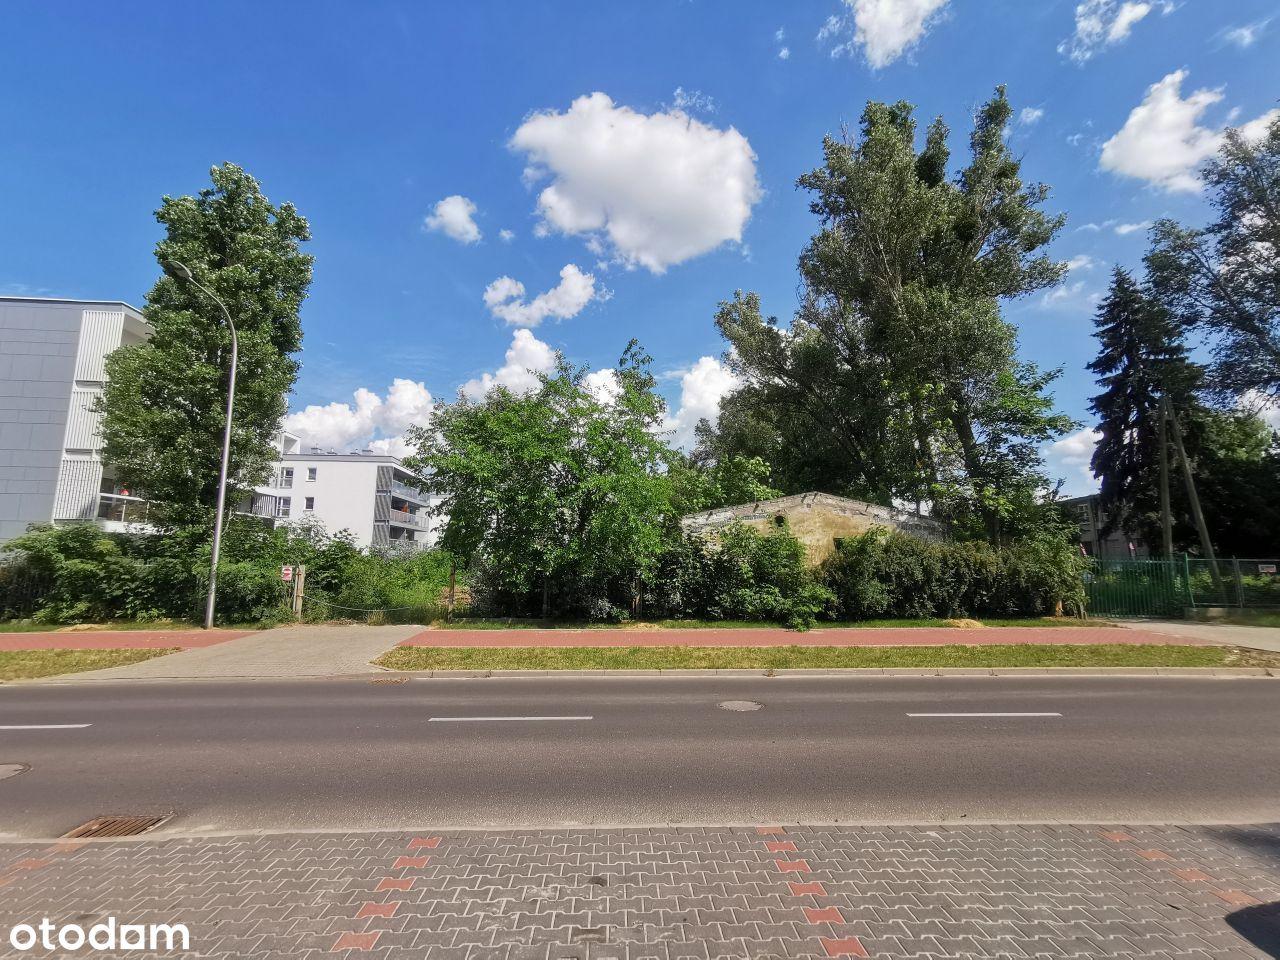 Działka budowlana 4083m2, Pruszków ul. Lipowa